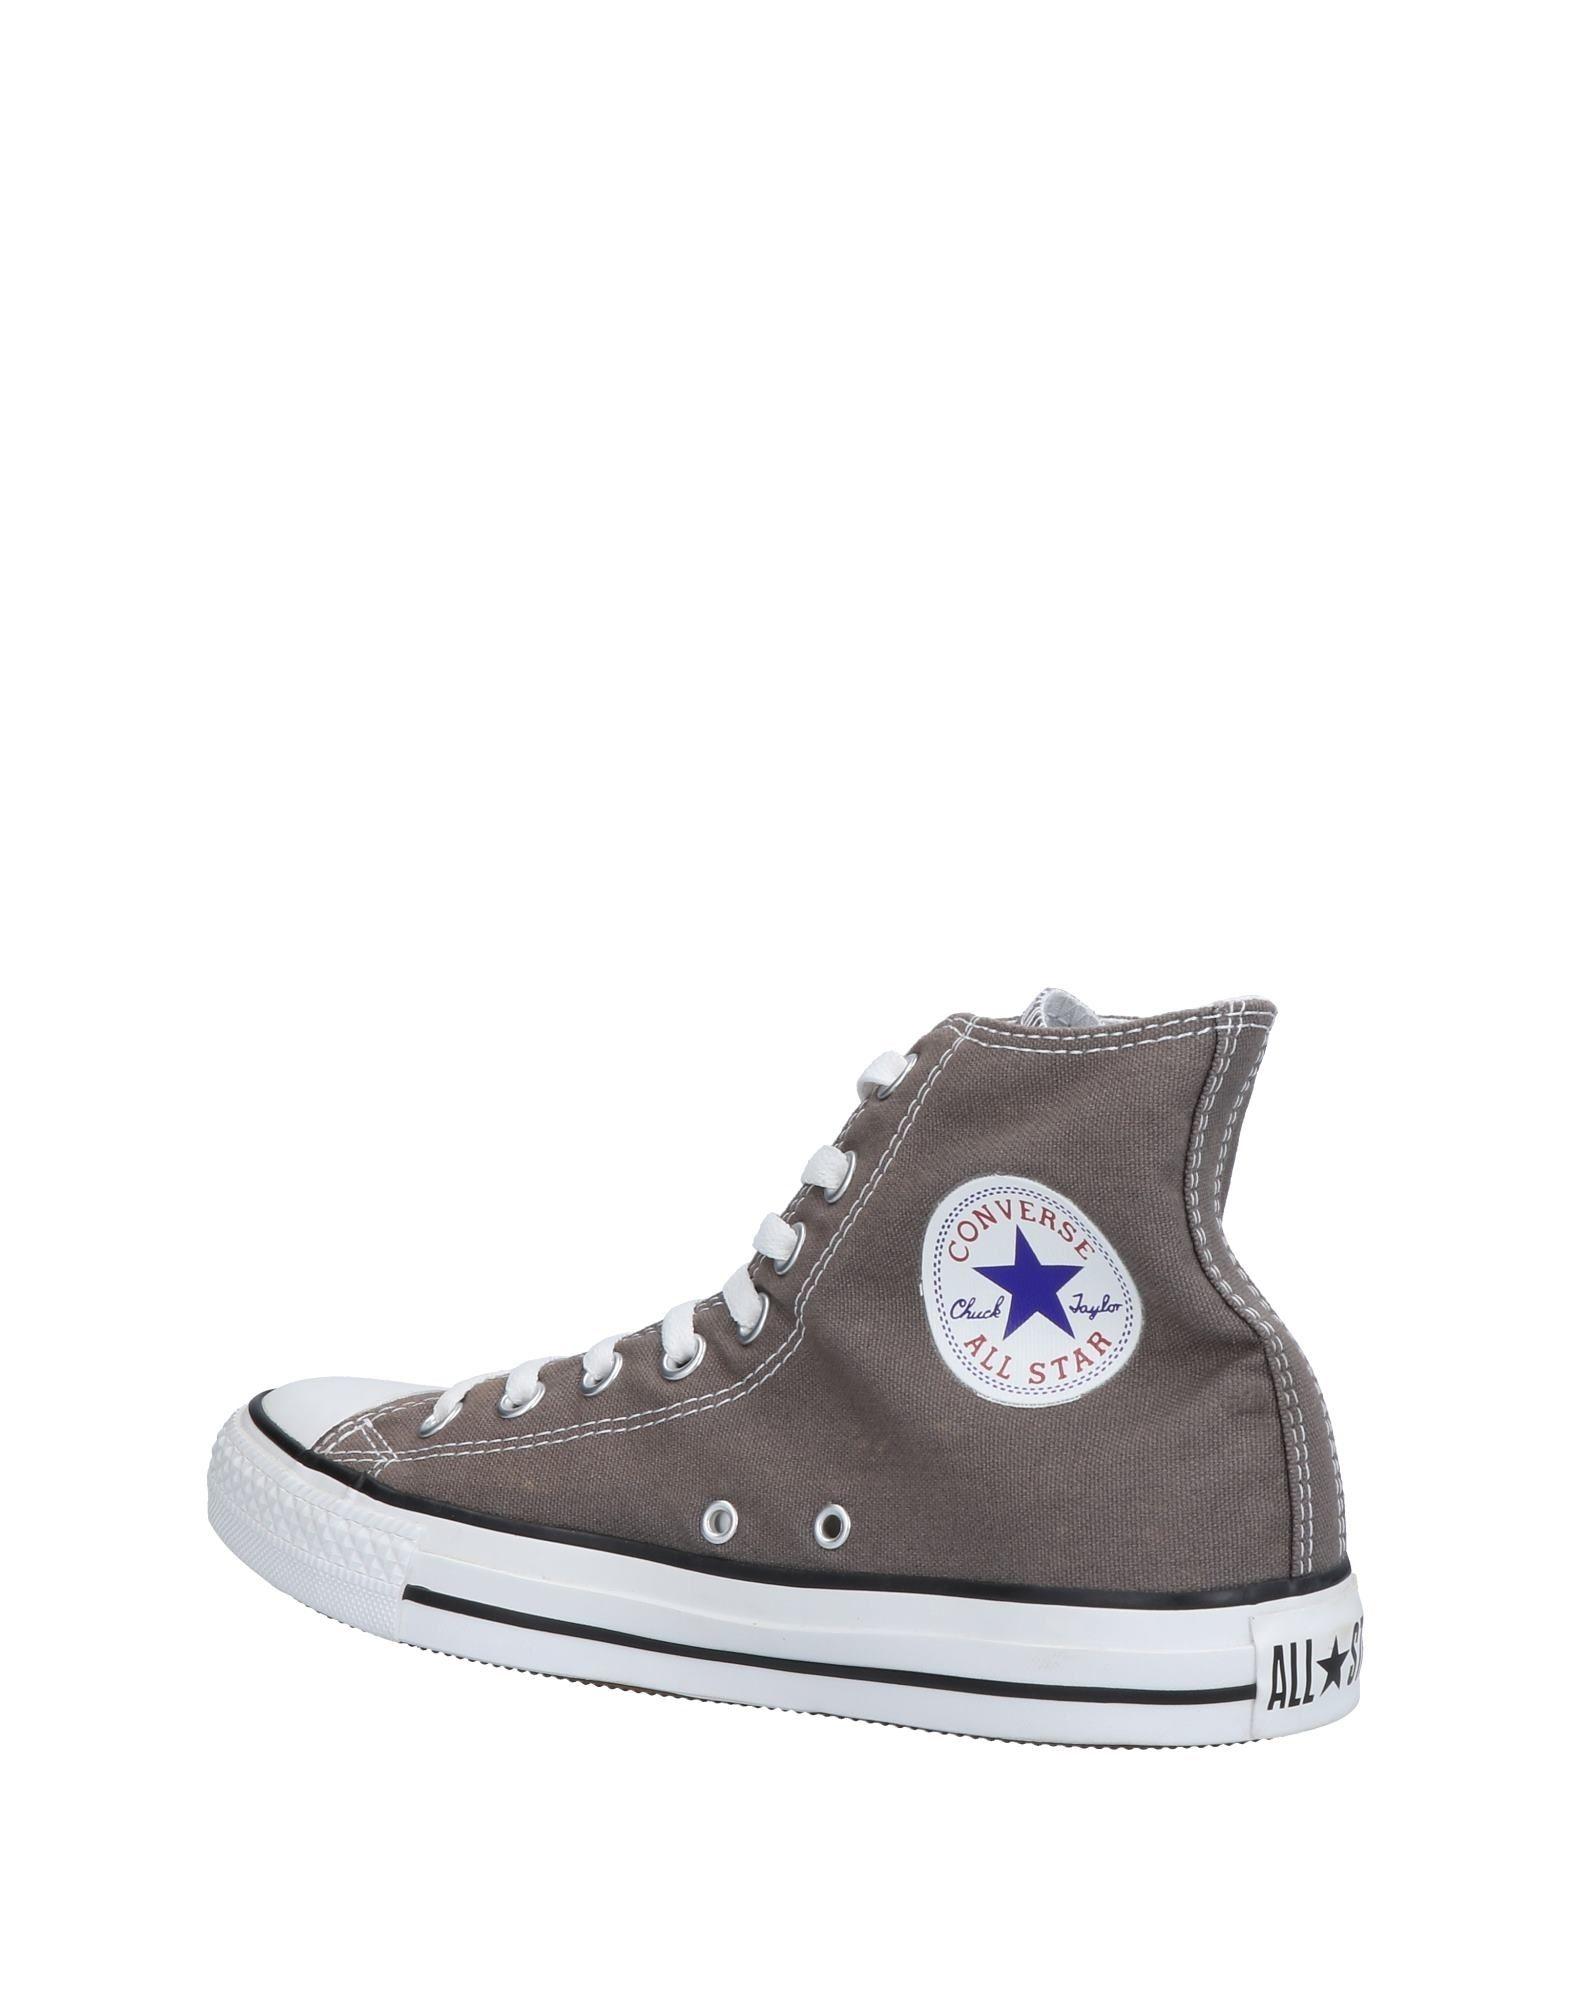 Rabatt echte  Schuhe Converse Sneakers Herren  echte 11503258EH 5f52df